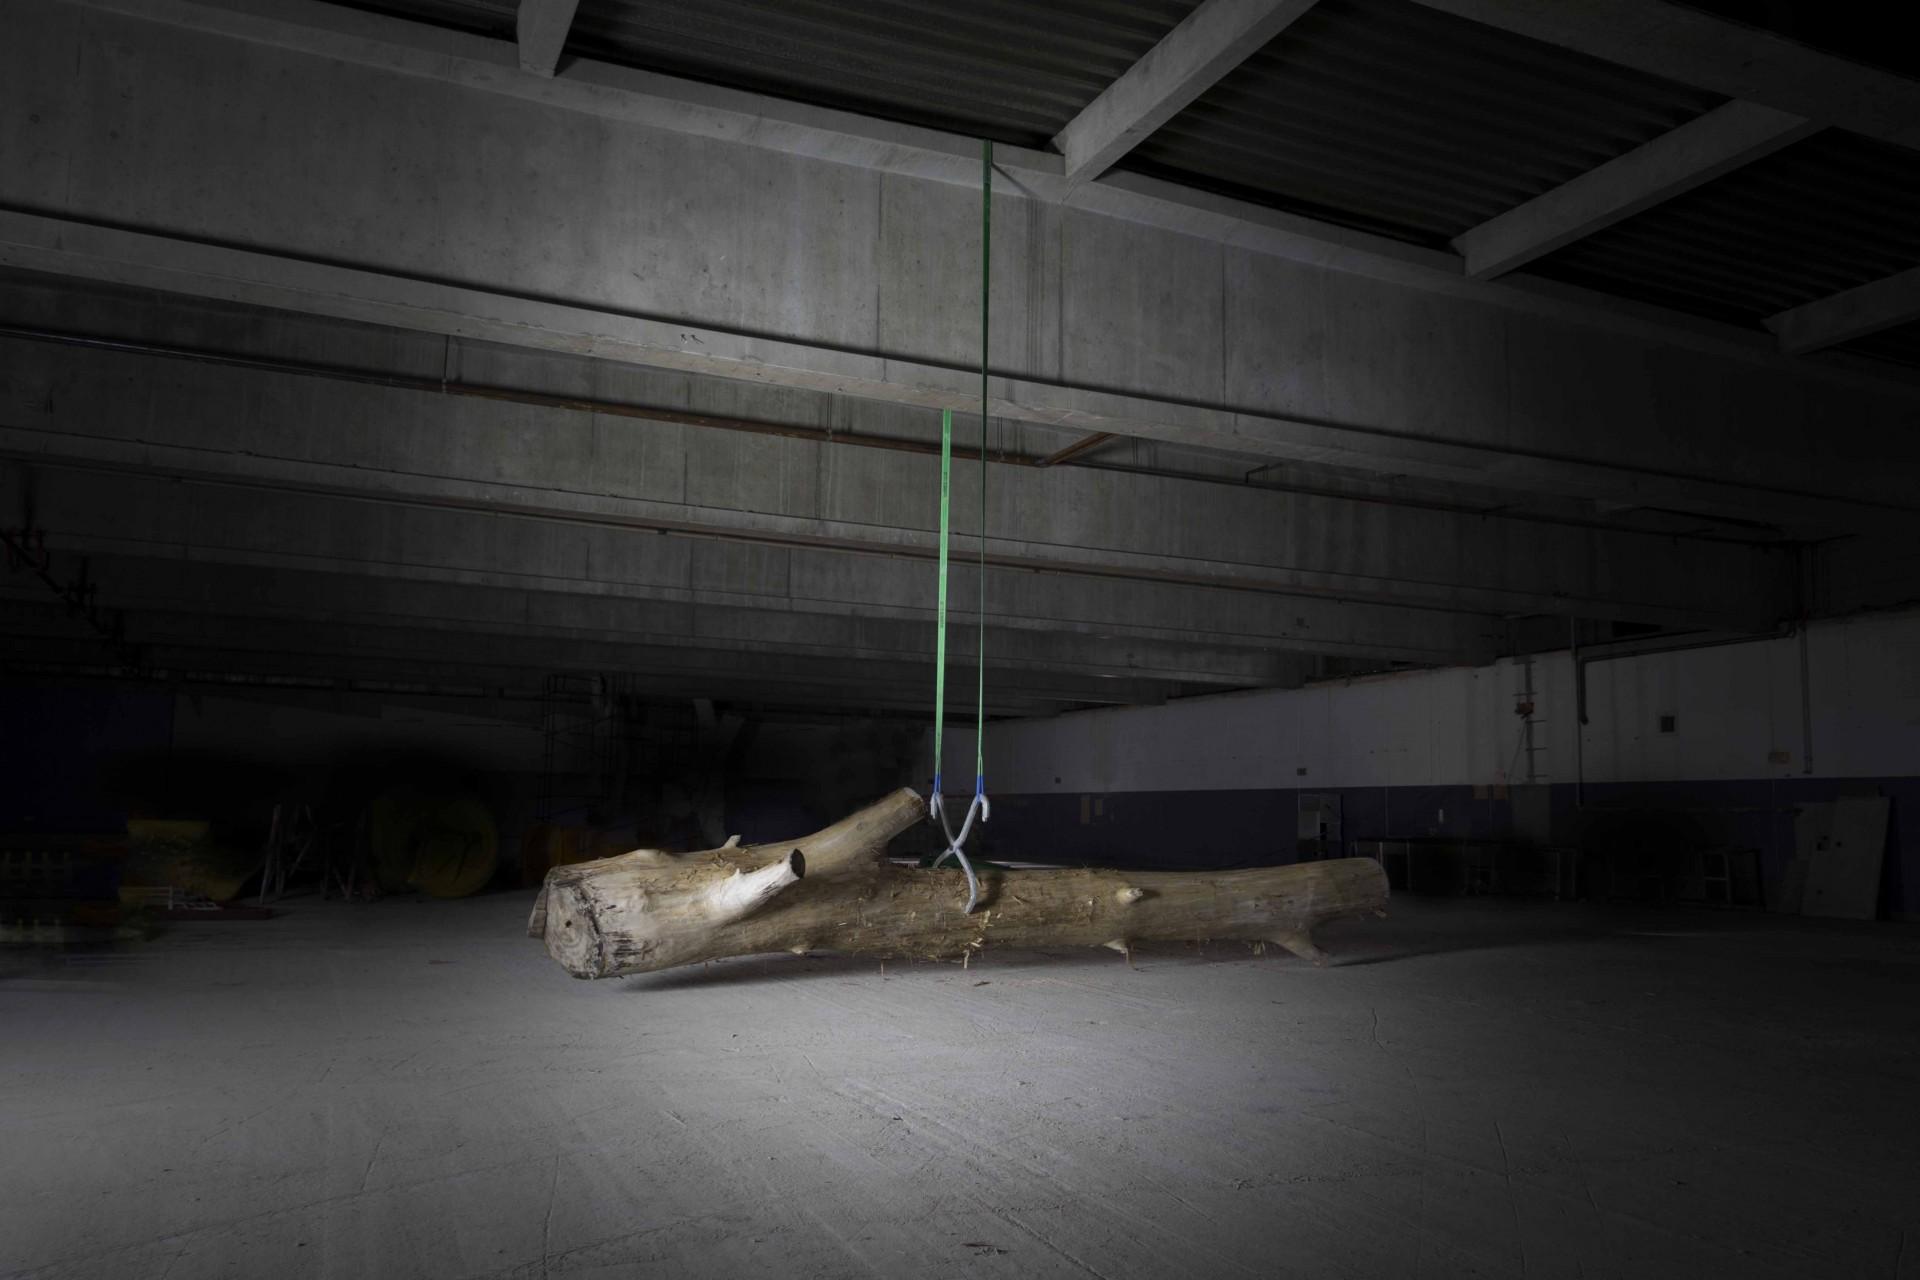 Nino Maaskola Abschied von der Erde, Baumstamm